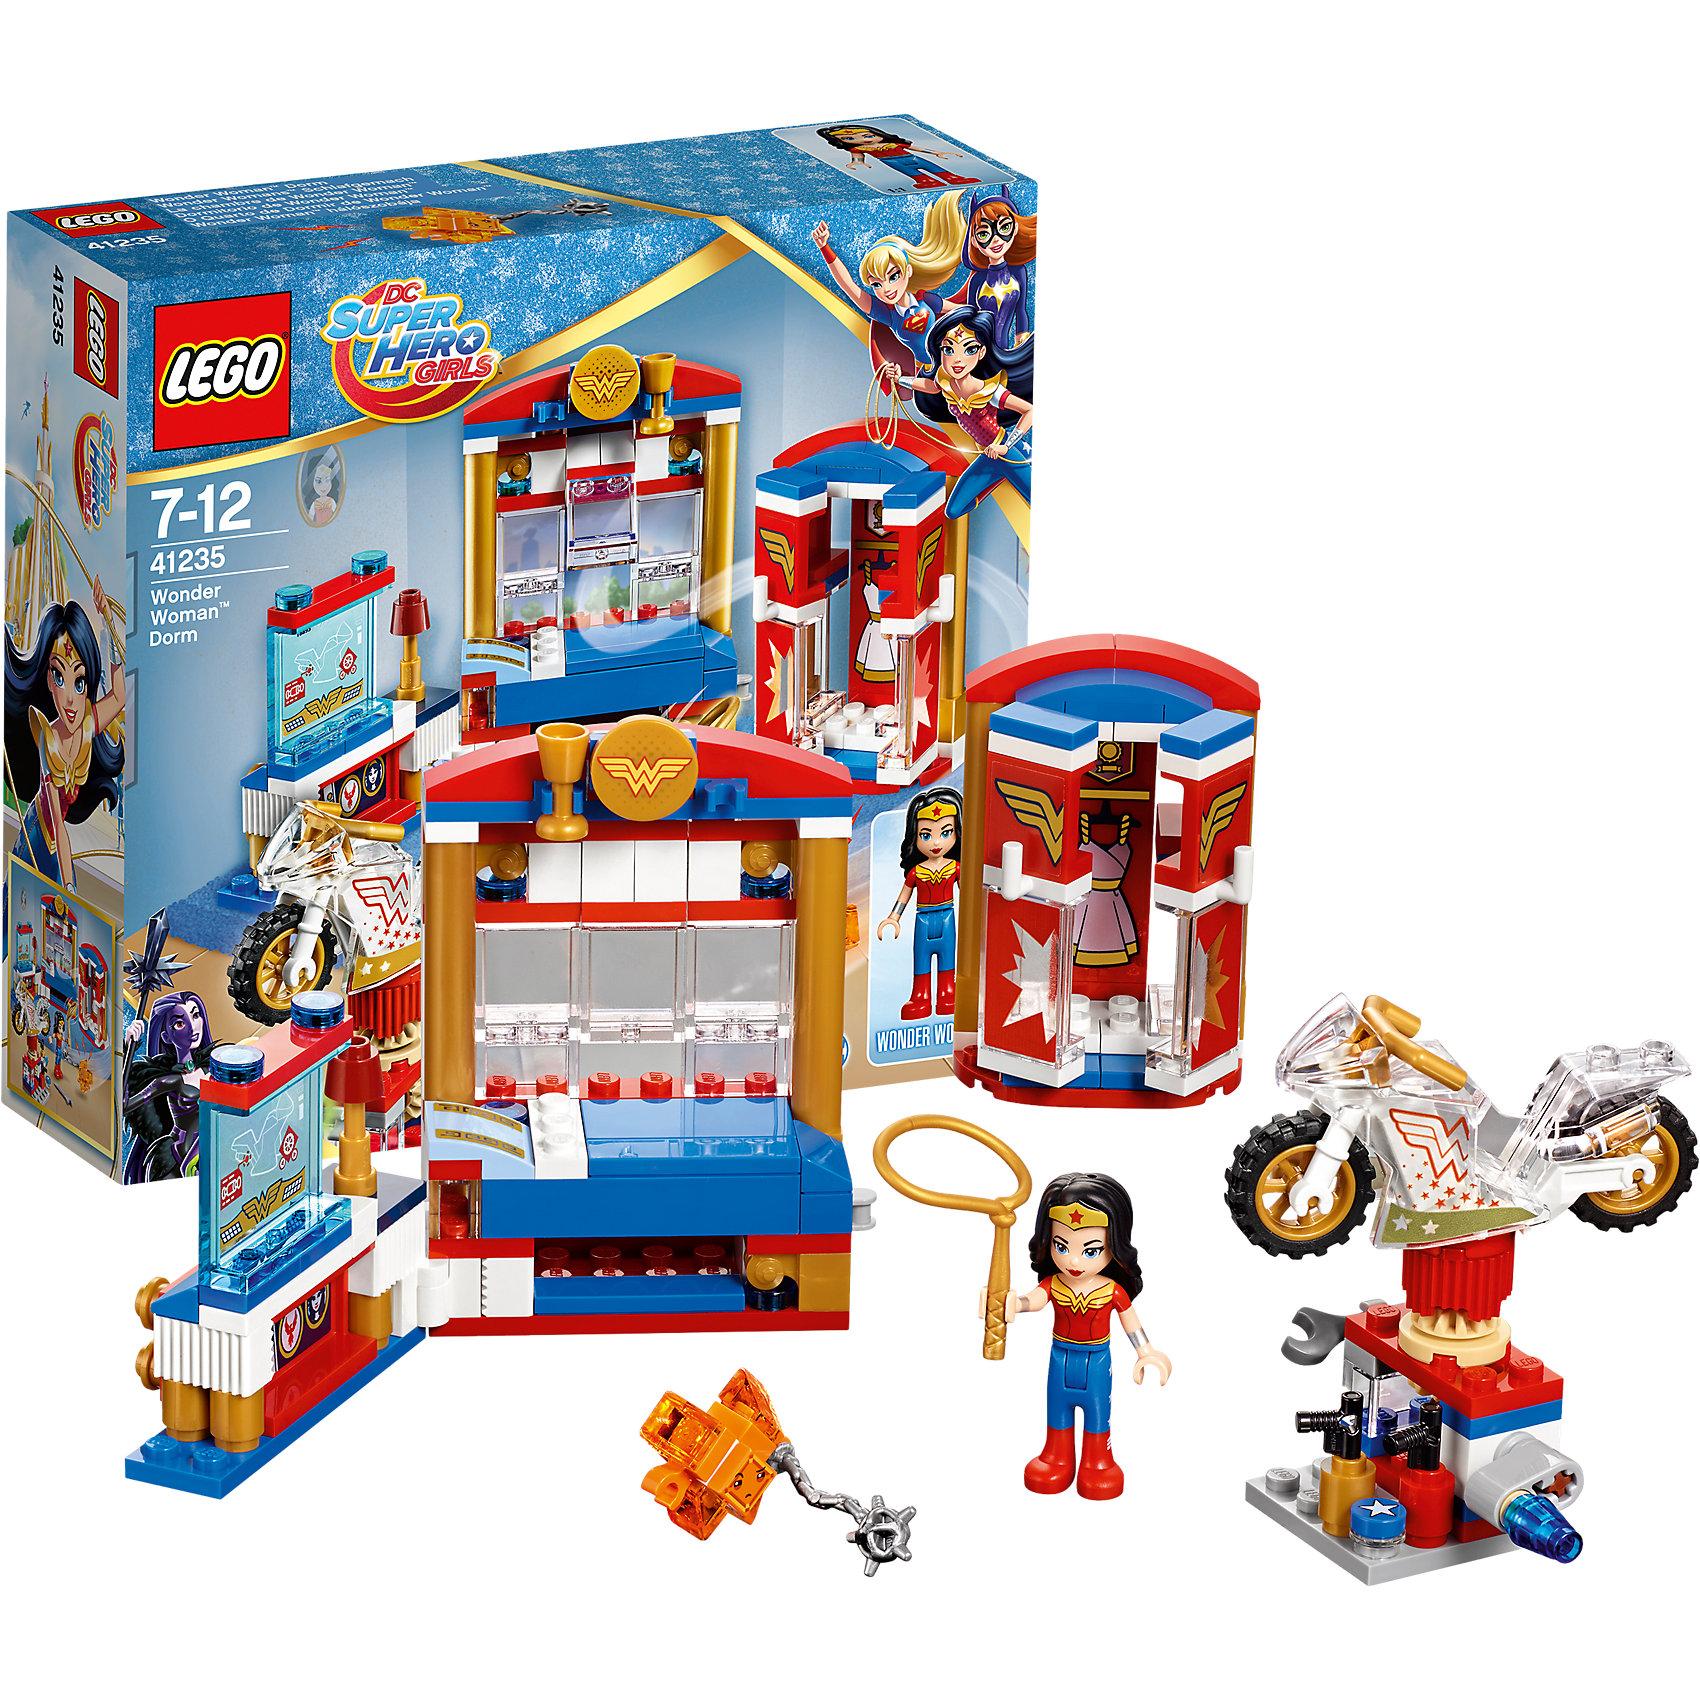 LEGO DC Super Girls 41235: Дом Чудо-женщиныПластмассовые конструкторы<br>LEGO DC Super Girls 41235: Дом Чудо-женщины<br><br>Характеристики:<br><br>- в набор входит: детали мебели и мотоцикла, фигурка Чудо-женщины, Криптомит, аксессуары, инструкция по сборке<br>- фигурки набора: Чудо-женщина<br>- состав: пластик<br>- количество деталей: 186<br>- размер кровати, шкафа и рабочей станции: 17 * 3 * 9 см.<br>- размер подставки для мотоцикла: 3 * 4 * 3 см.<br>- размер мотоцикла: 6 * 2 * 3 см.<br>- для детей в возрасте: от 7 до 12 лет<br>- Страна производитель: Дания/Китай/Чехия<br><br>Легендарный конструктор LEGO (ЛЕГО) представляет серию «DC Super Girls» (ДиСи Супер Гёрлс) по сюжетам фильмов и мультфильмов о супергероинях. Этот набор понравится любителям короткометражных мультфильмов компании Warner Brothers DC Super Girls (ДиСи Супер Гёрлс). <br><br>Невероятная комната Чудо-женщины в Школе Супергероев говорит за свою владелицу! Вся мебель выполнена в бело-сине-красных цветах ее стиля. Просторная кровать со столбиками и полочками для призов и личных вещей позволяет героине восстановить свои силы после тяжелого учебного дня. Под кроватью есть месть для хранения лассо. К кровати присоединяется рабочая станция с суперкомпьютером, позволяющим следить за преступниками, на столе стоит небольшая лампа. Красивый шкаф с полупрозрачными дверями и эмблемой Чудо-женщины вмещает все ее наряды. Один из самых интересных объектов в комнате героини – это станция для мотоцикла. Станция поворачивается для более удобной работы с мотоциклом, Чудо-женщина полирует его воском, ремонтирует по мере необходимости с помощью гаечного ключа, у нее также есть два баллончика с краской. <br><br>Фигурка Чудо-женщины отлично проработана, ее рельефные волосы уложены в красивую прическу, а ее супергеройский наряд очень ей идет. Защити лассо Чудо-женщины от Криптомита, который пробрался в ее комнату! <br><br>Играя с конструктором ребенок развивает моторику рук, воображение и логическое мышление, научится соб